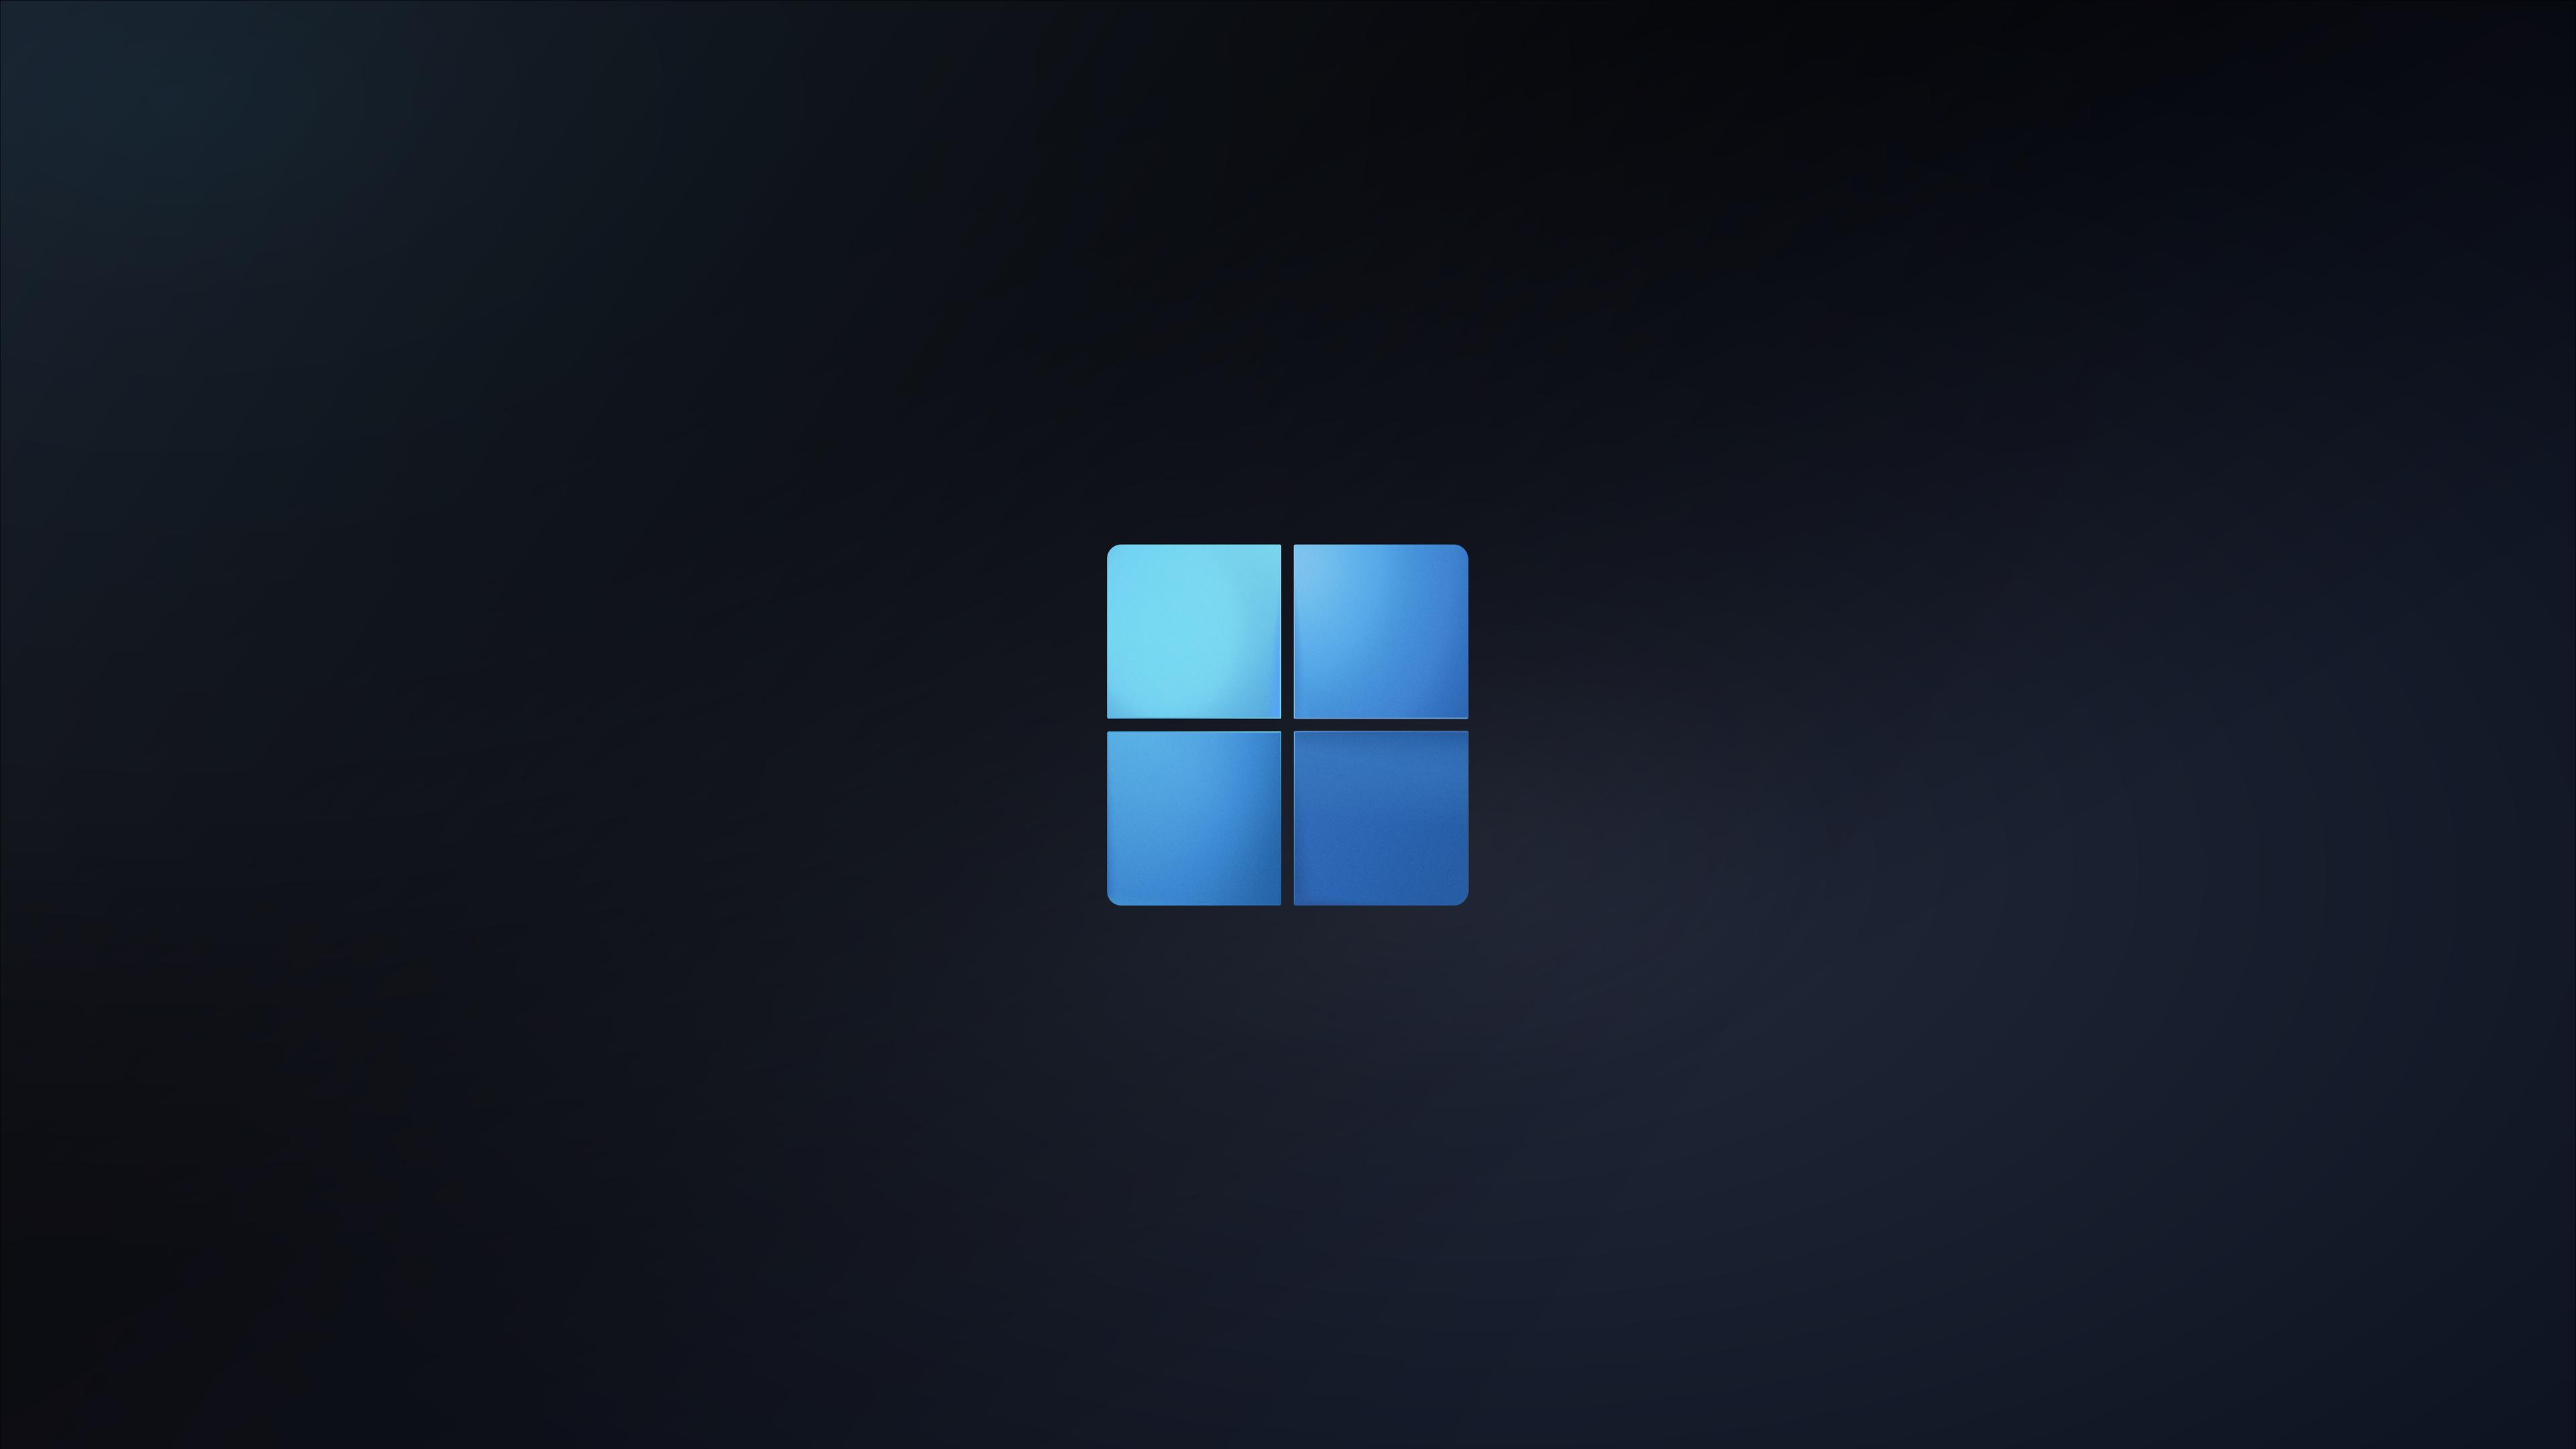 windows-11-logo-minimal-15k-ni.jpg